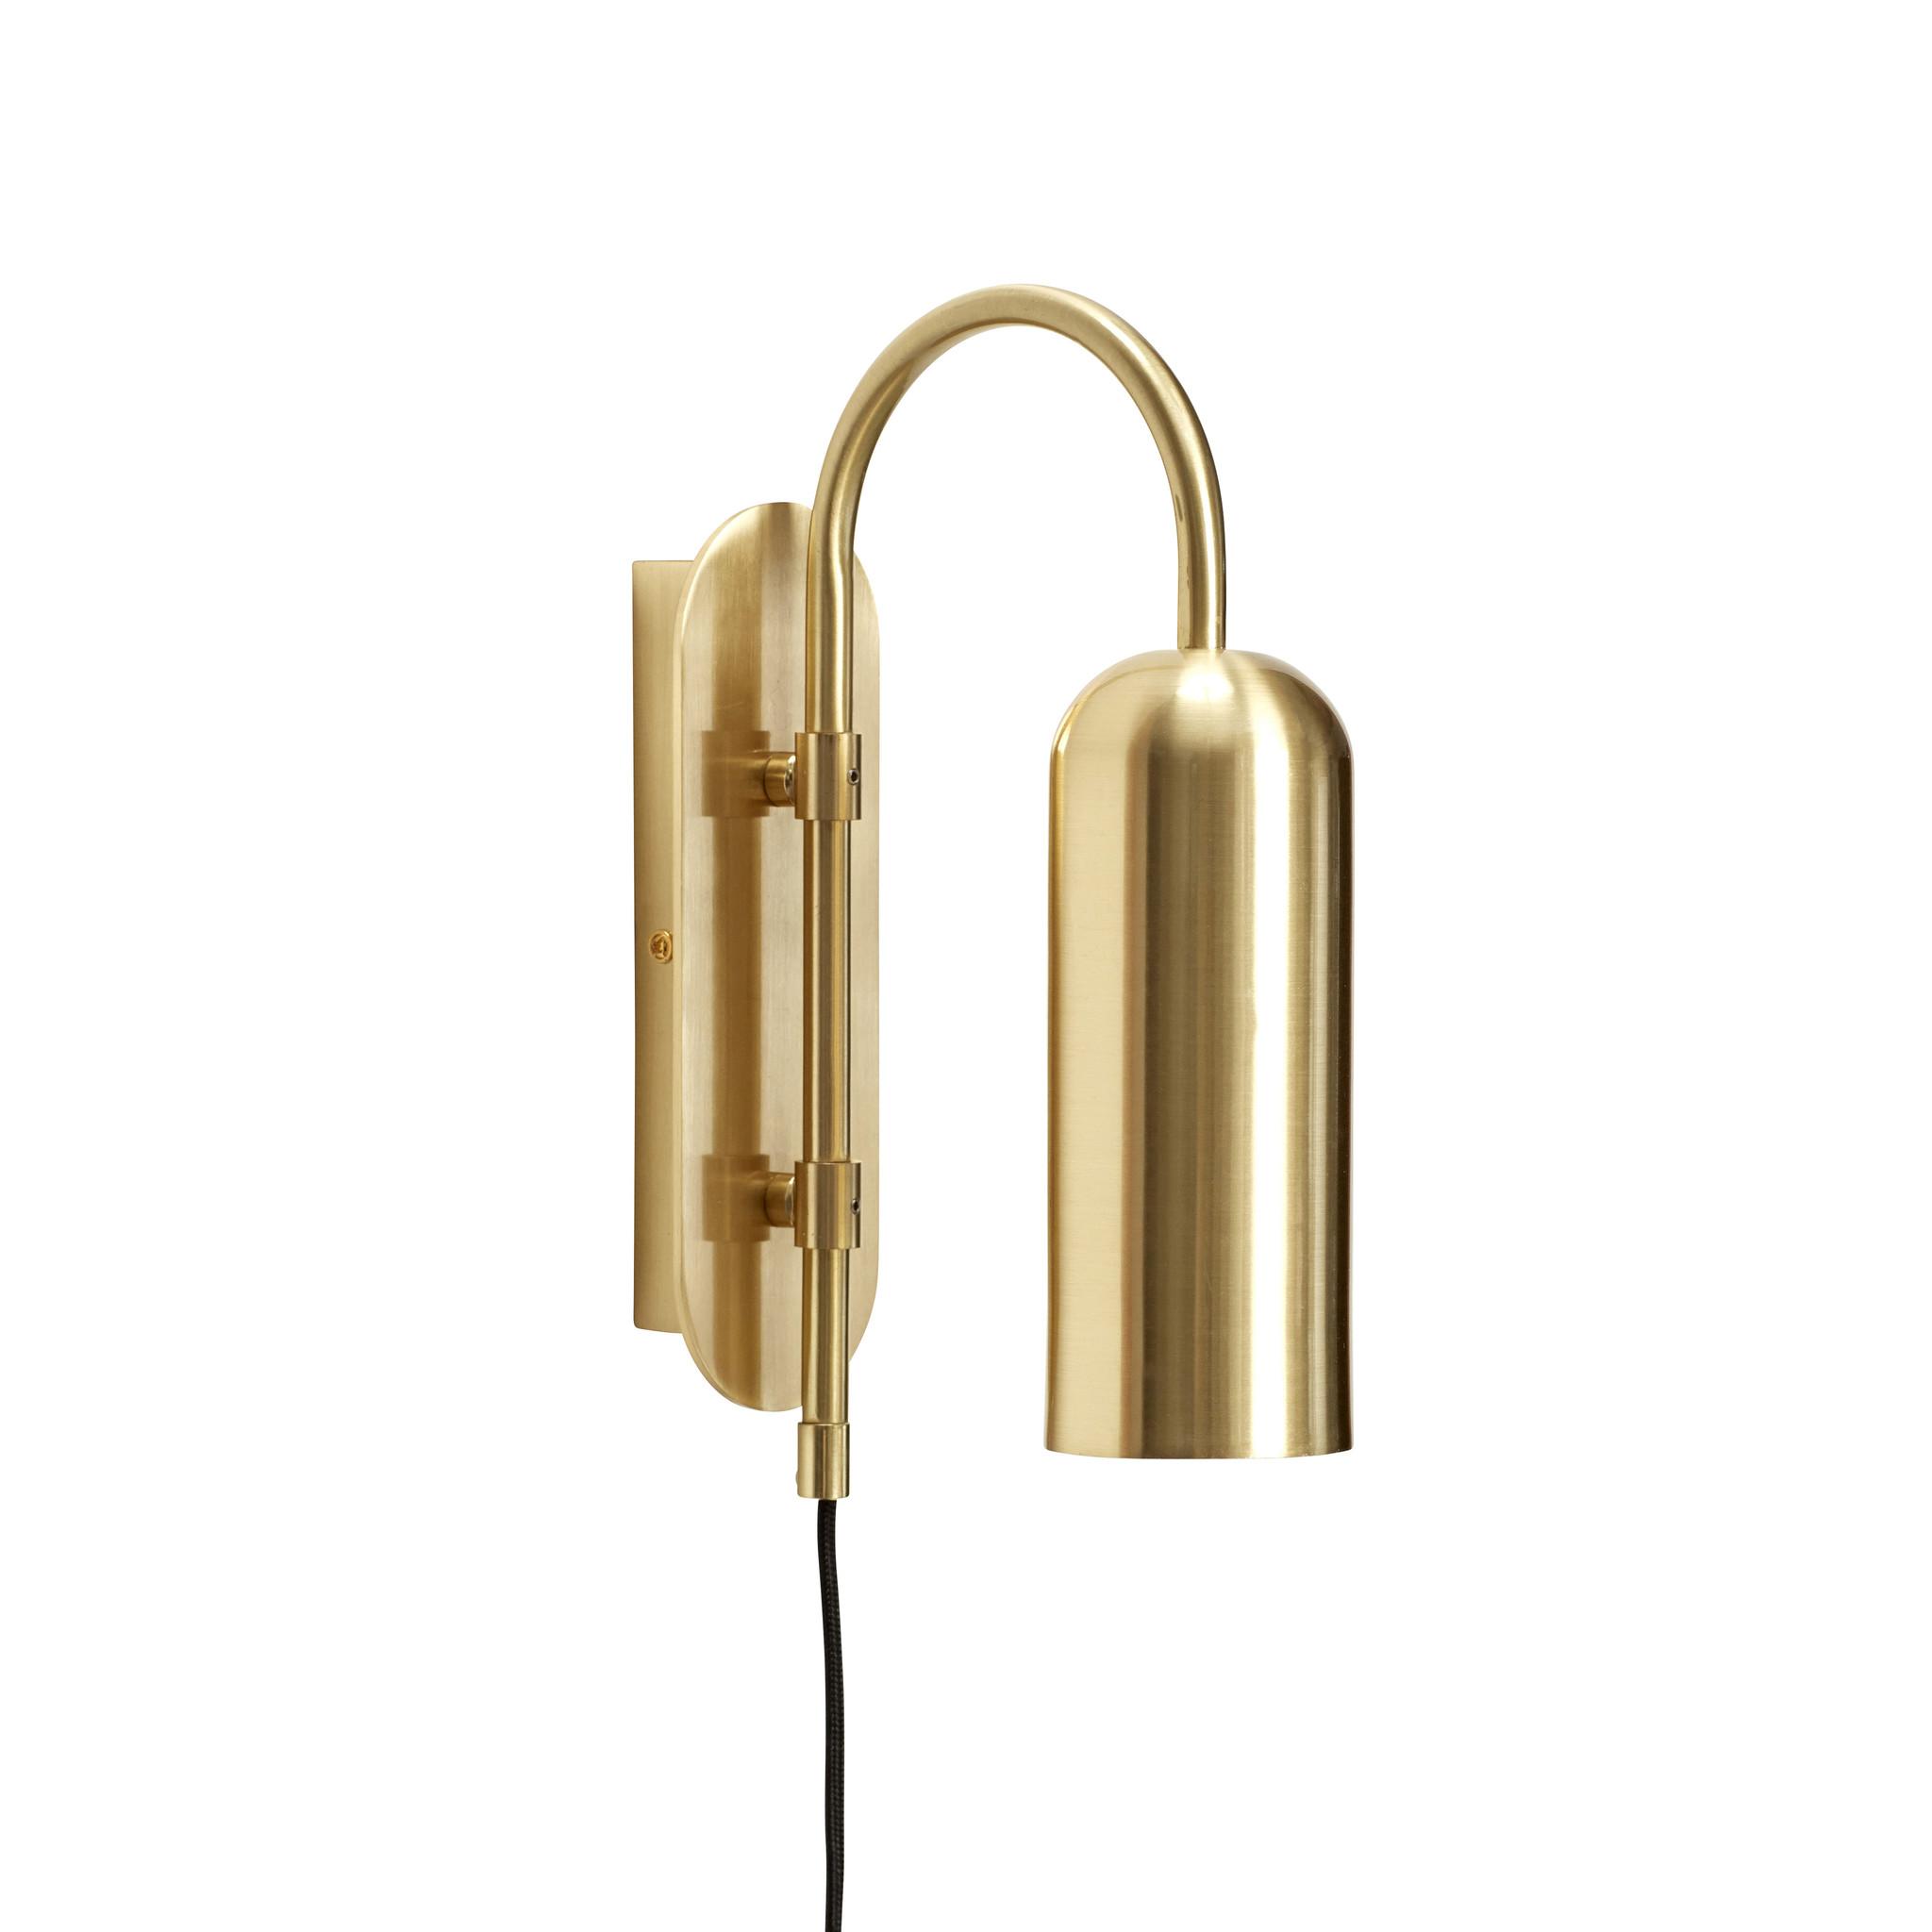 Hubsch Wandlamp, messing-990911-5712772071168